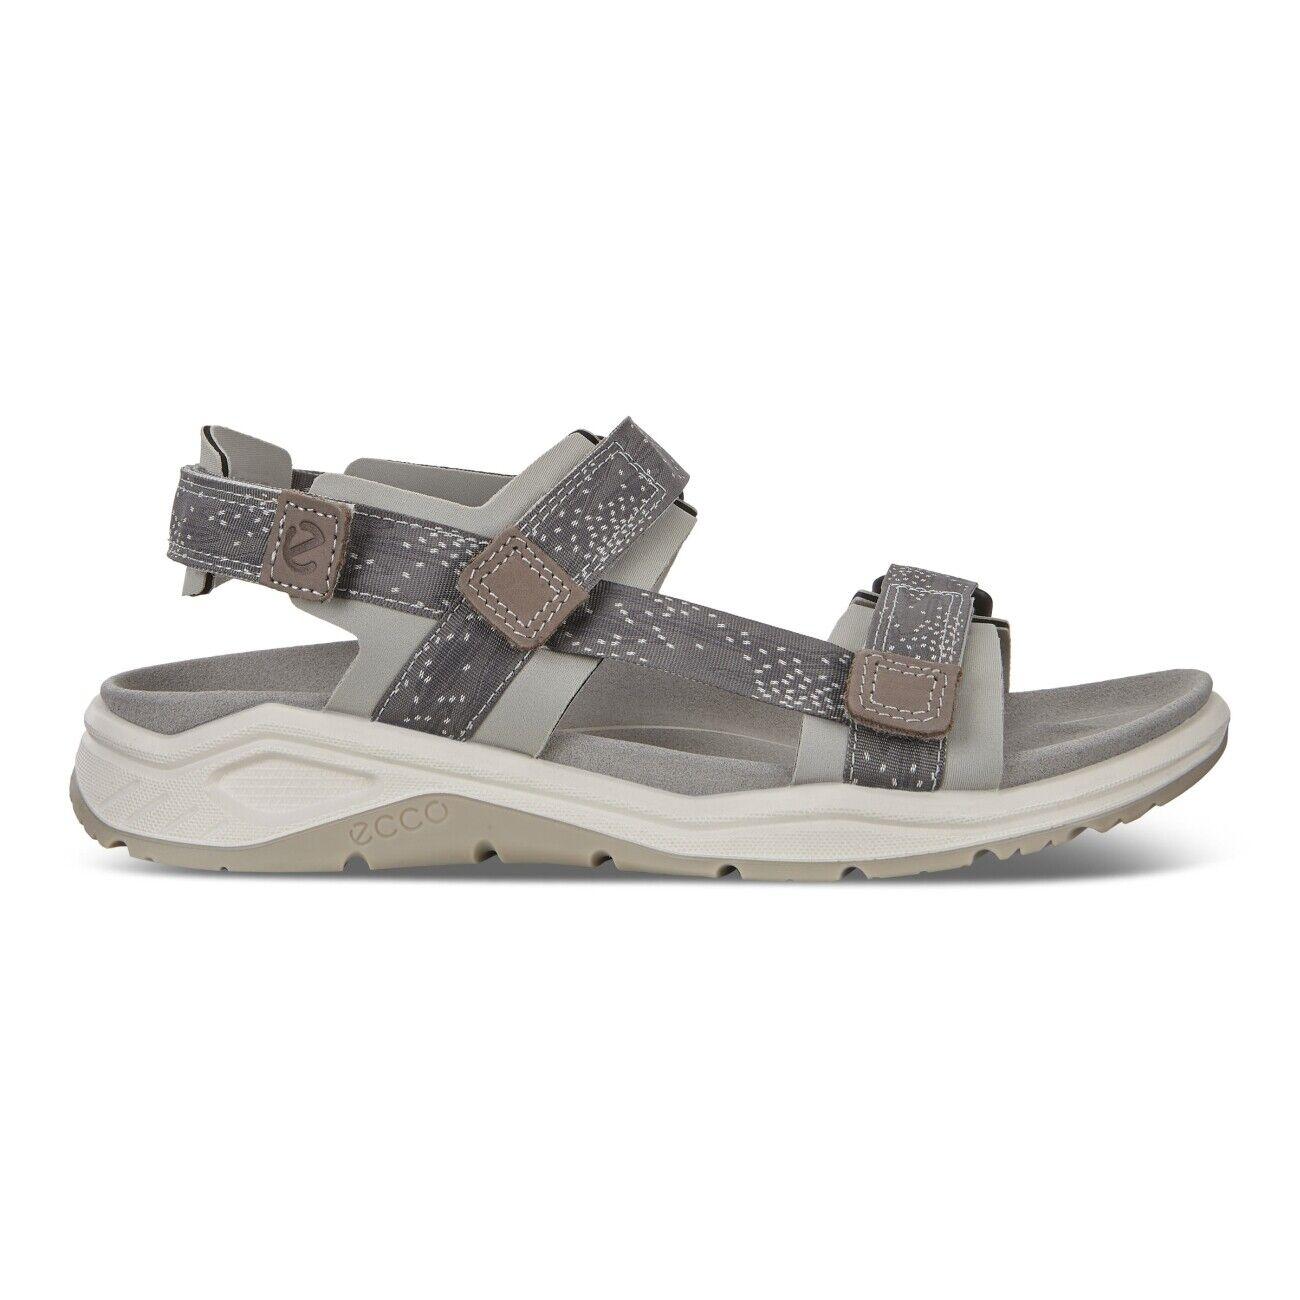 Ecco X-Trinsic Sandale grey 880623-51371